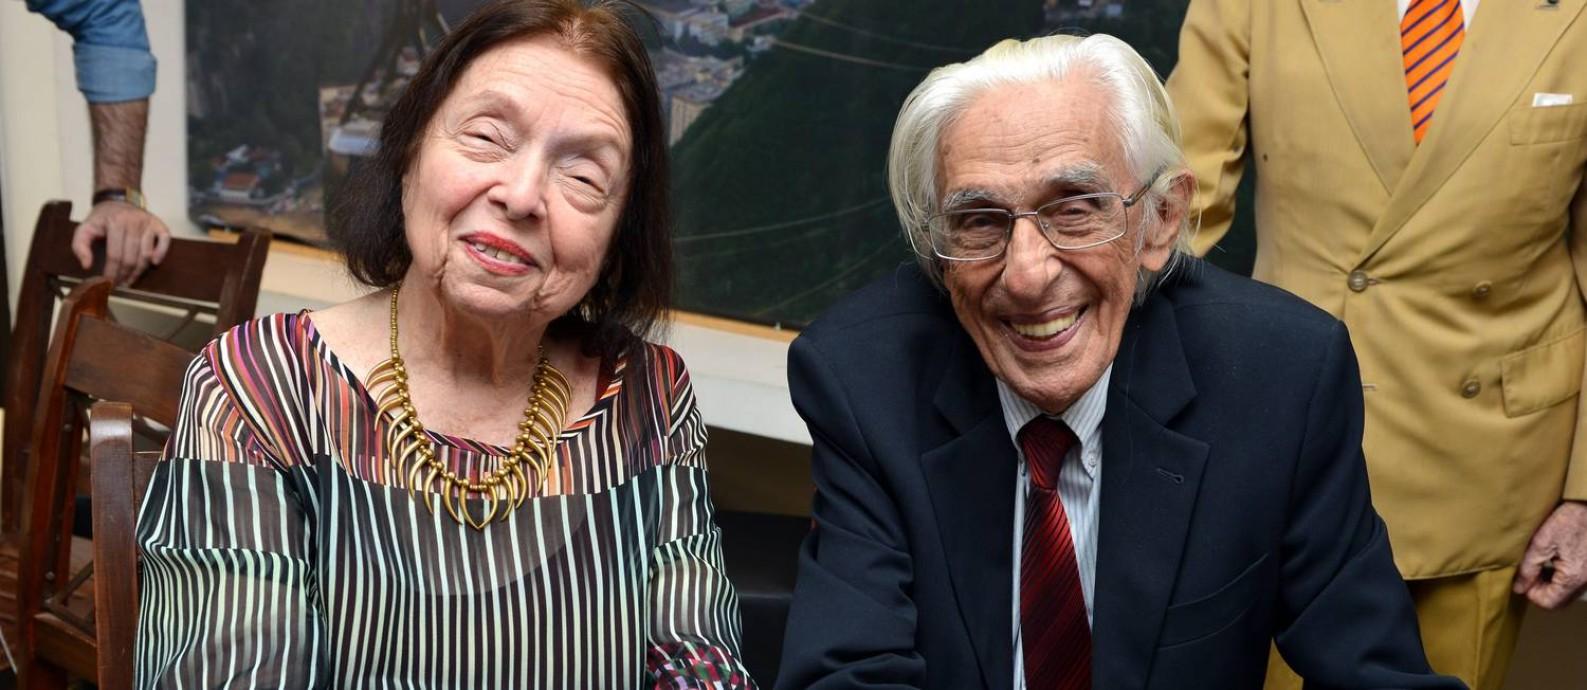 Nélida Piñon e Ferreira Gullar na comemoração da eleição de Geraldo Carneiro para a ABL Foto: Cristina Granato / Divulgação